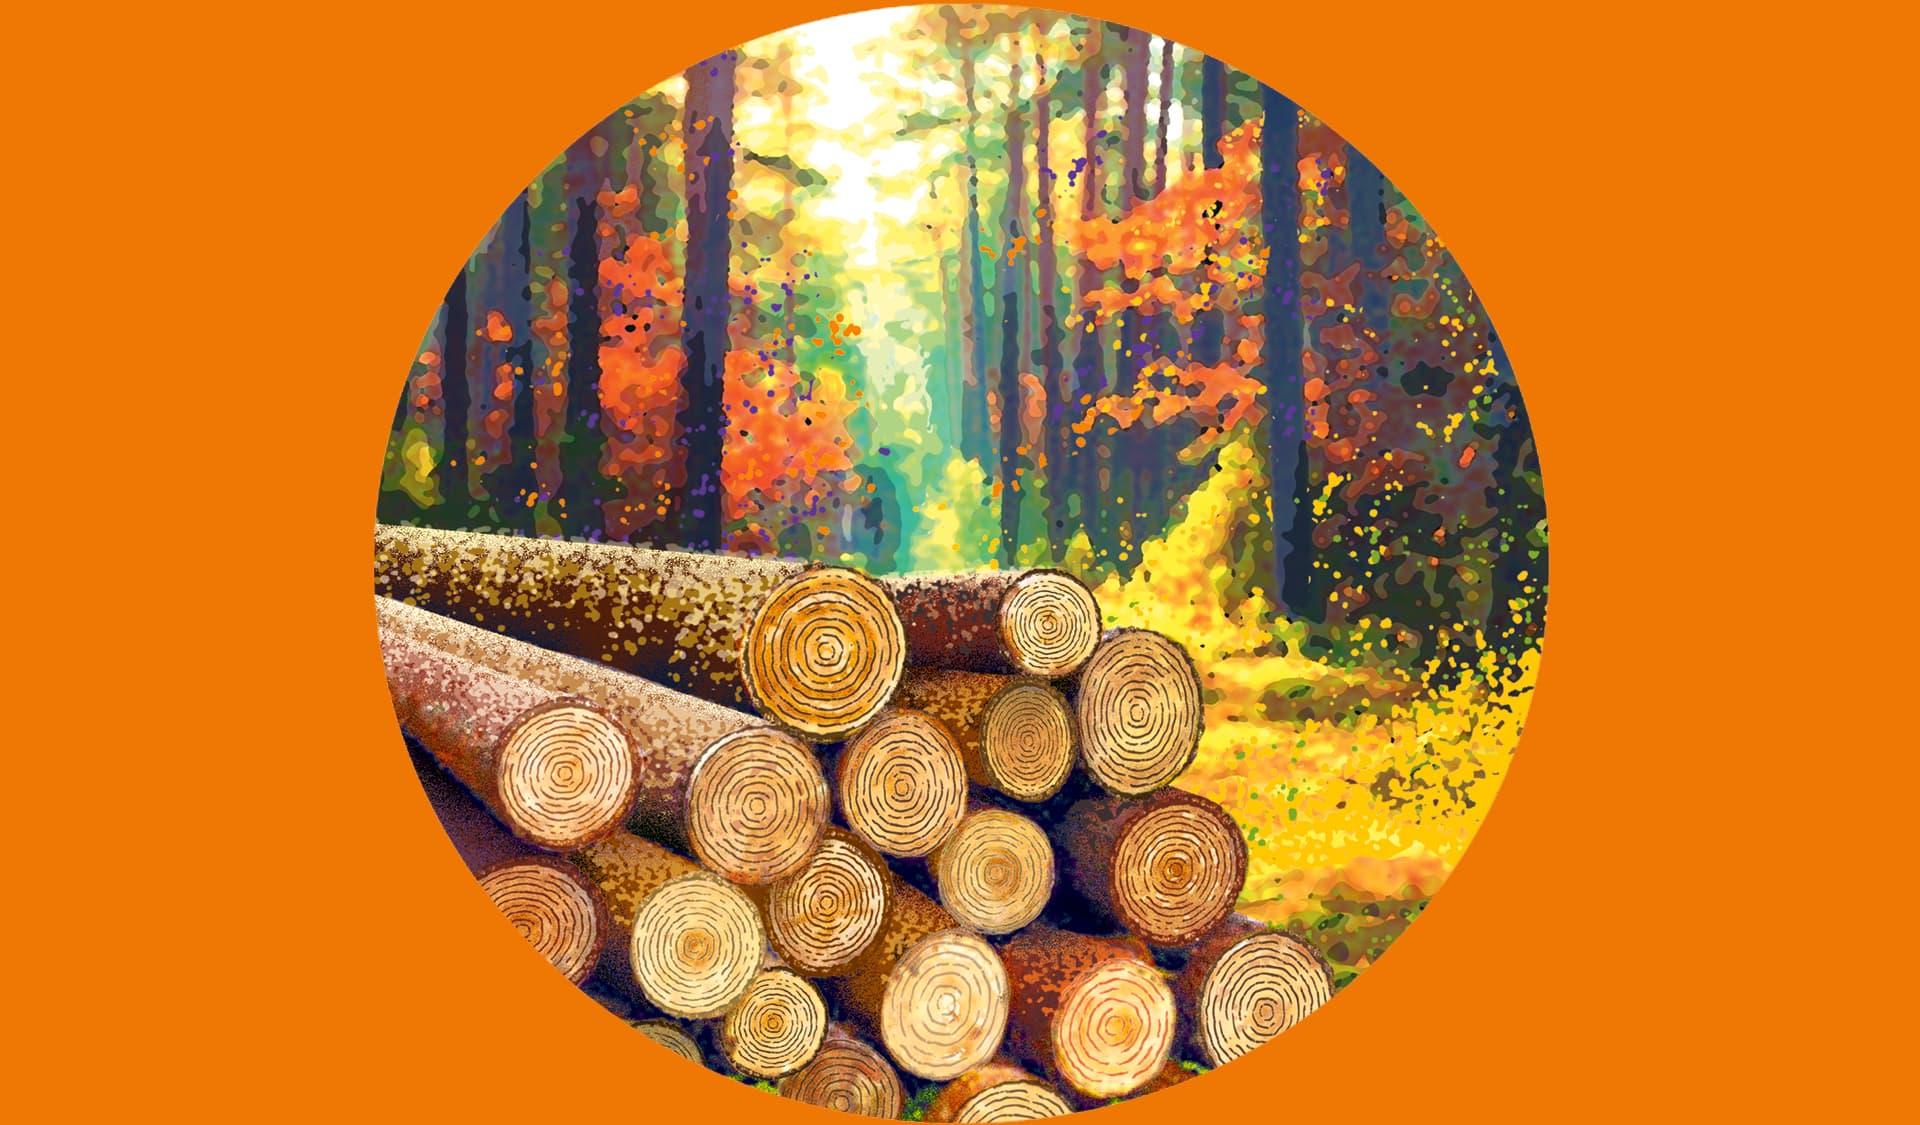 Holzstämme liegen im Herbstwald